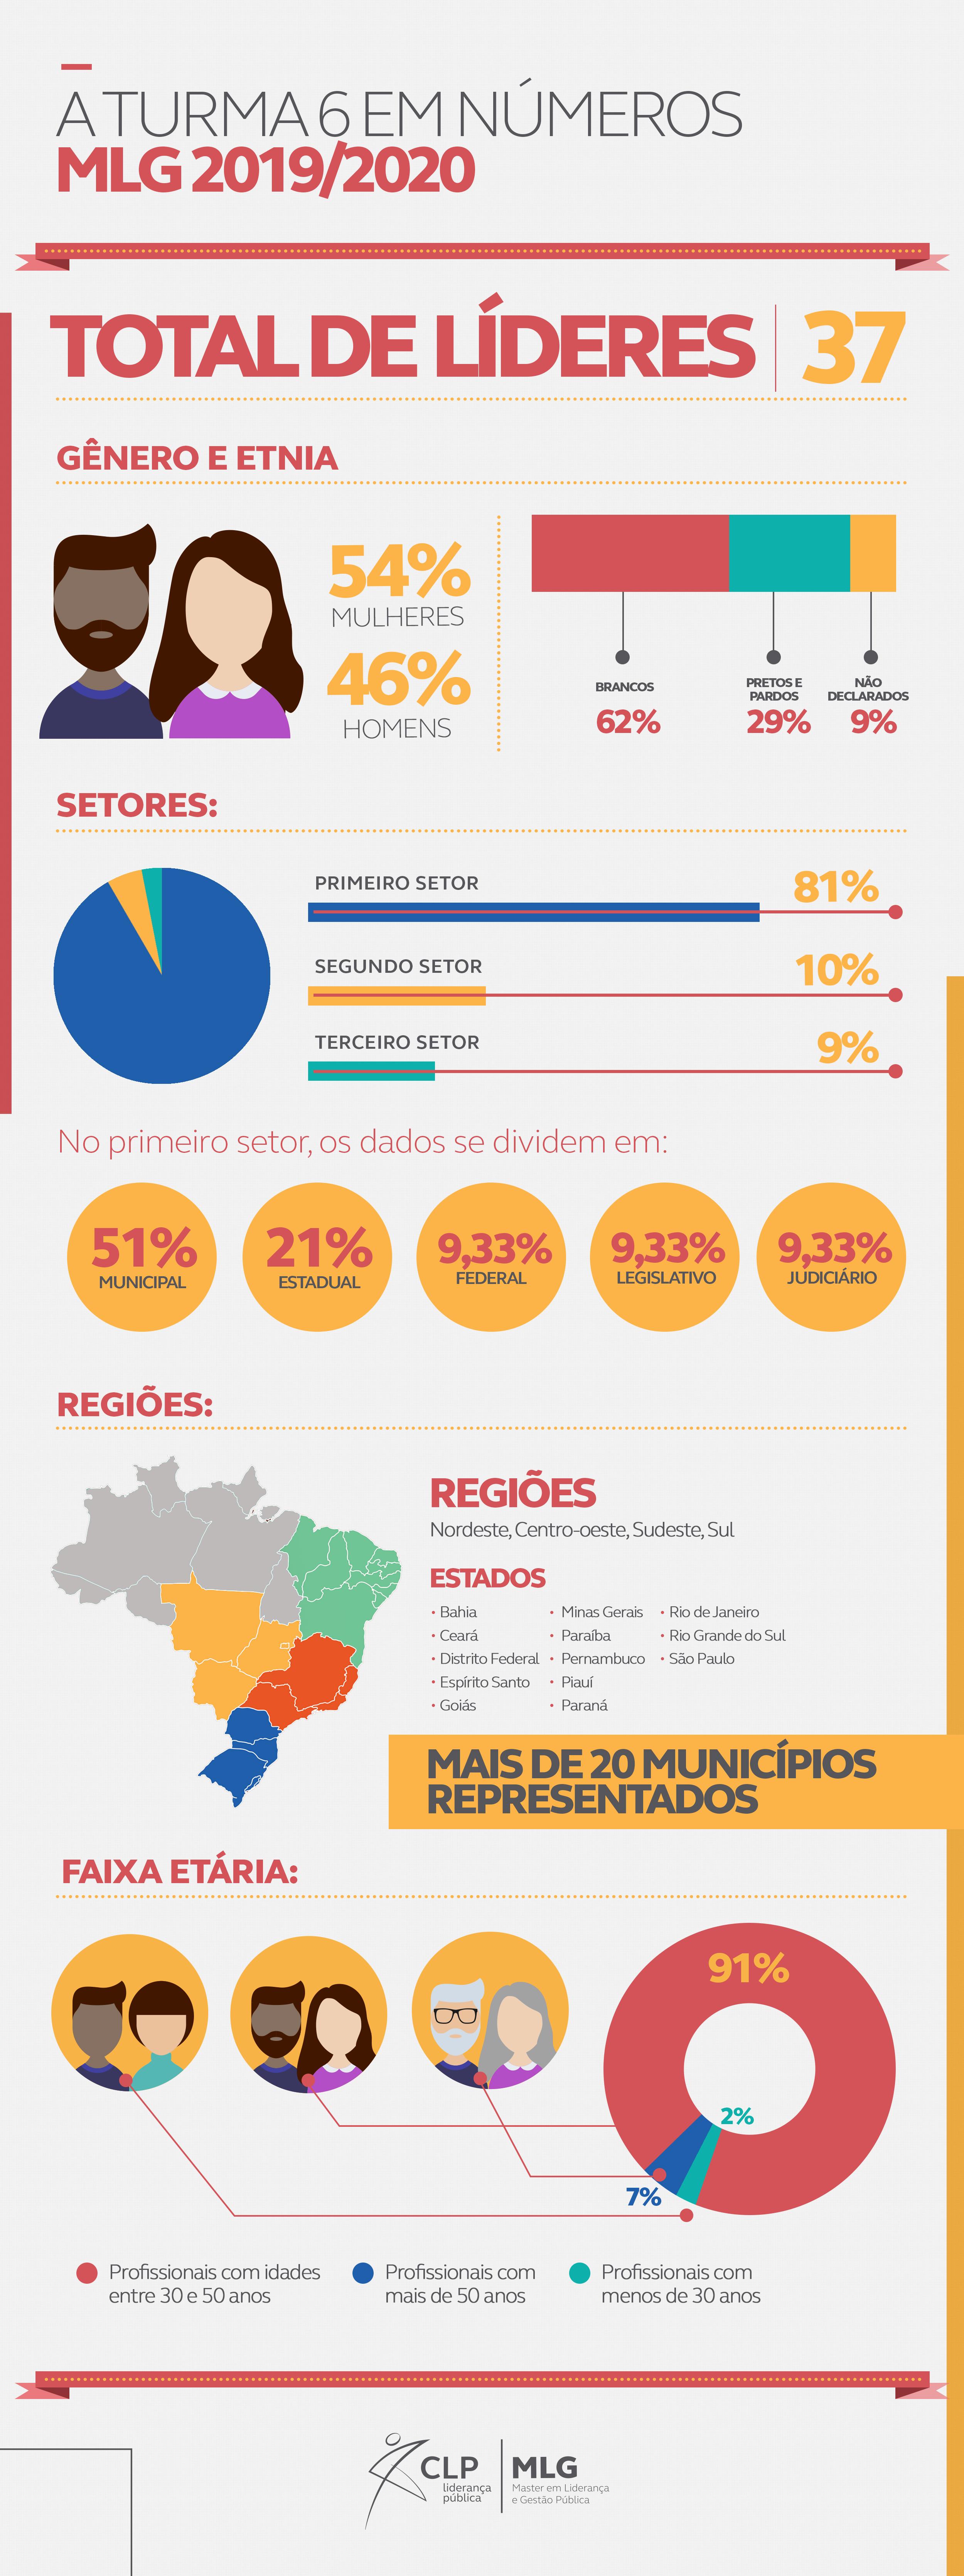 Infográfico sexta turma do Master em Liderança e Gestão Pública - MLG